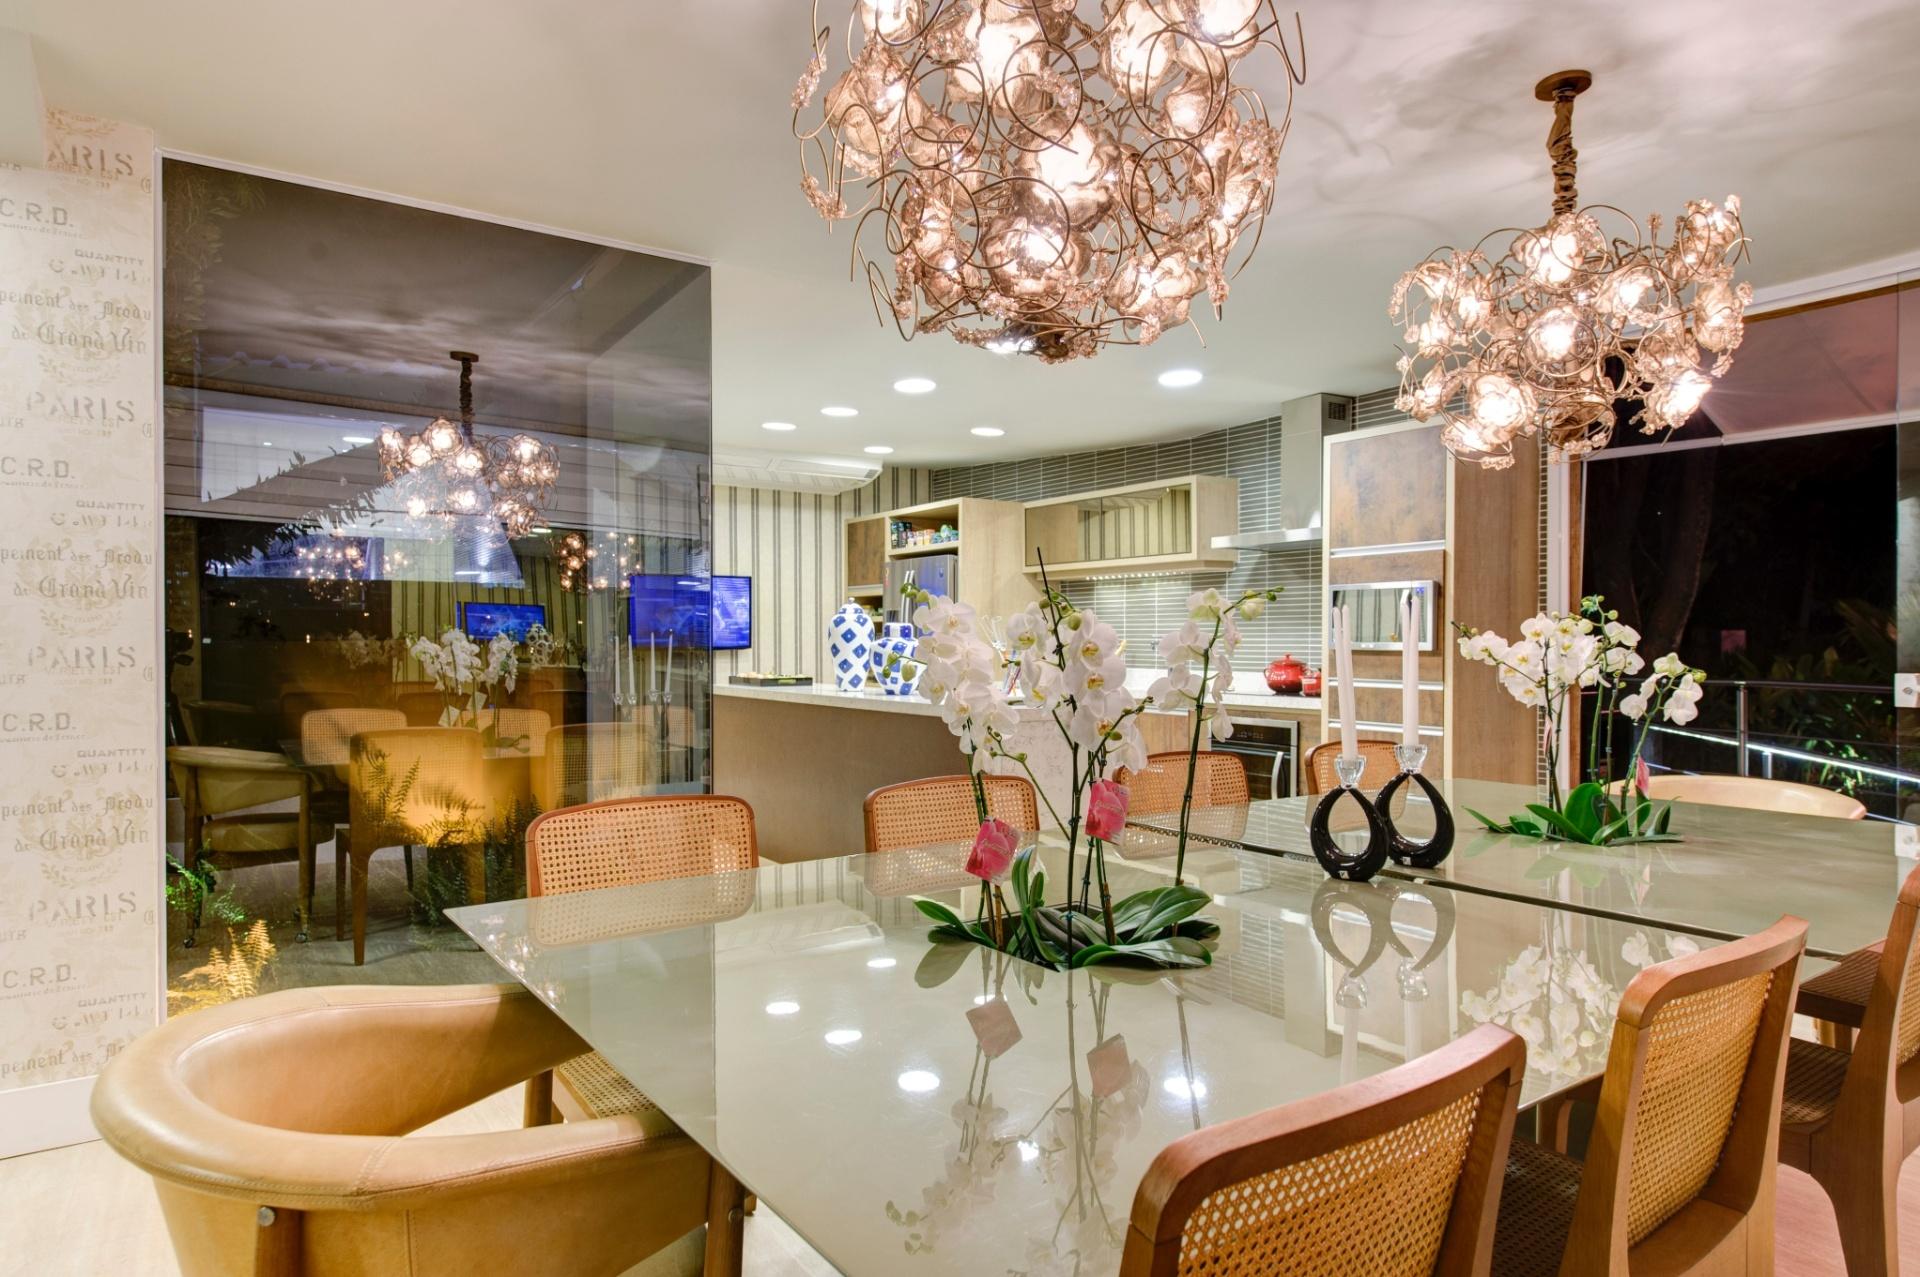 No ambiente Chalé do Velejador, projetado pela arquiteta Selma Tammaro, a sala de jantar está integrada à cozinha. A mesa para servir refeições recebeu nichos centrais com orquídeas brancas. A 27ª Casa Cor SP segue até dia 21 de julho de 2013, no Jockey Club de São Paulo